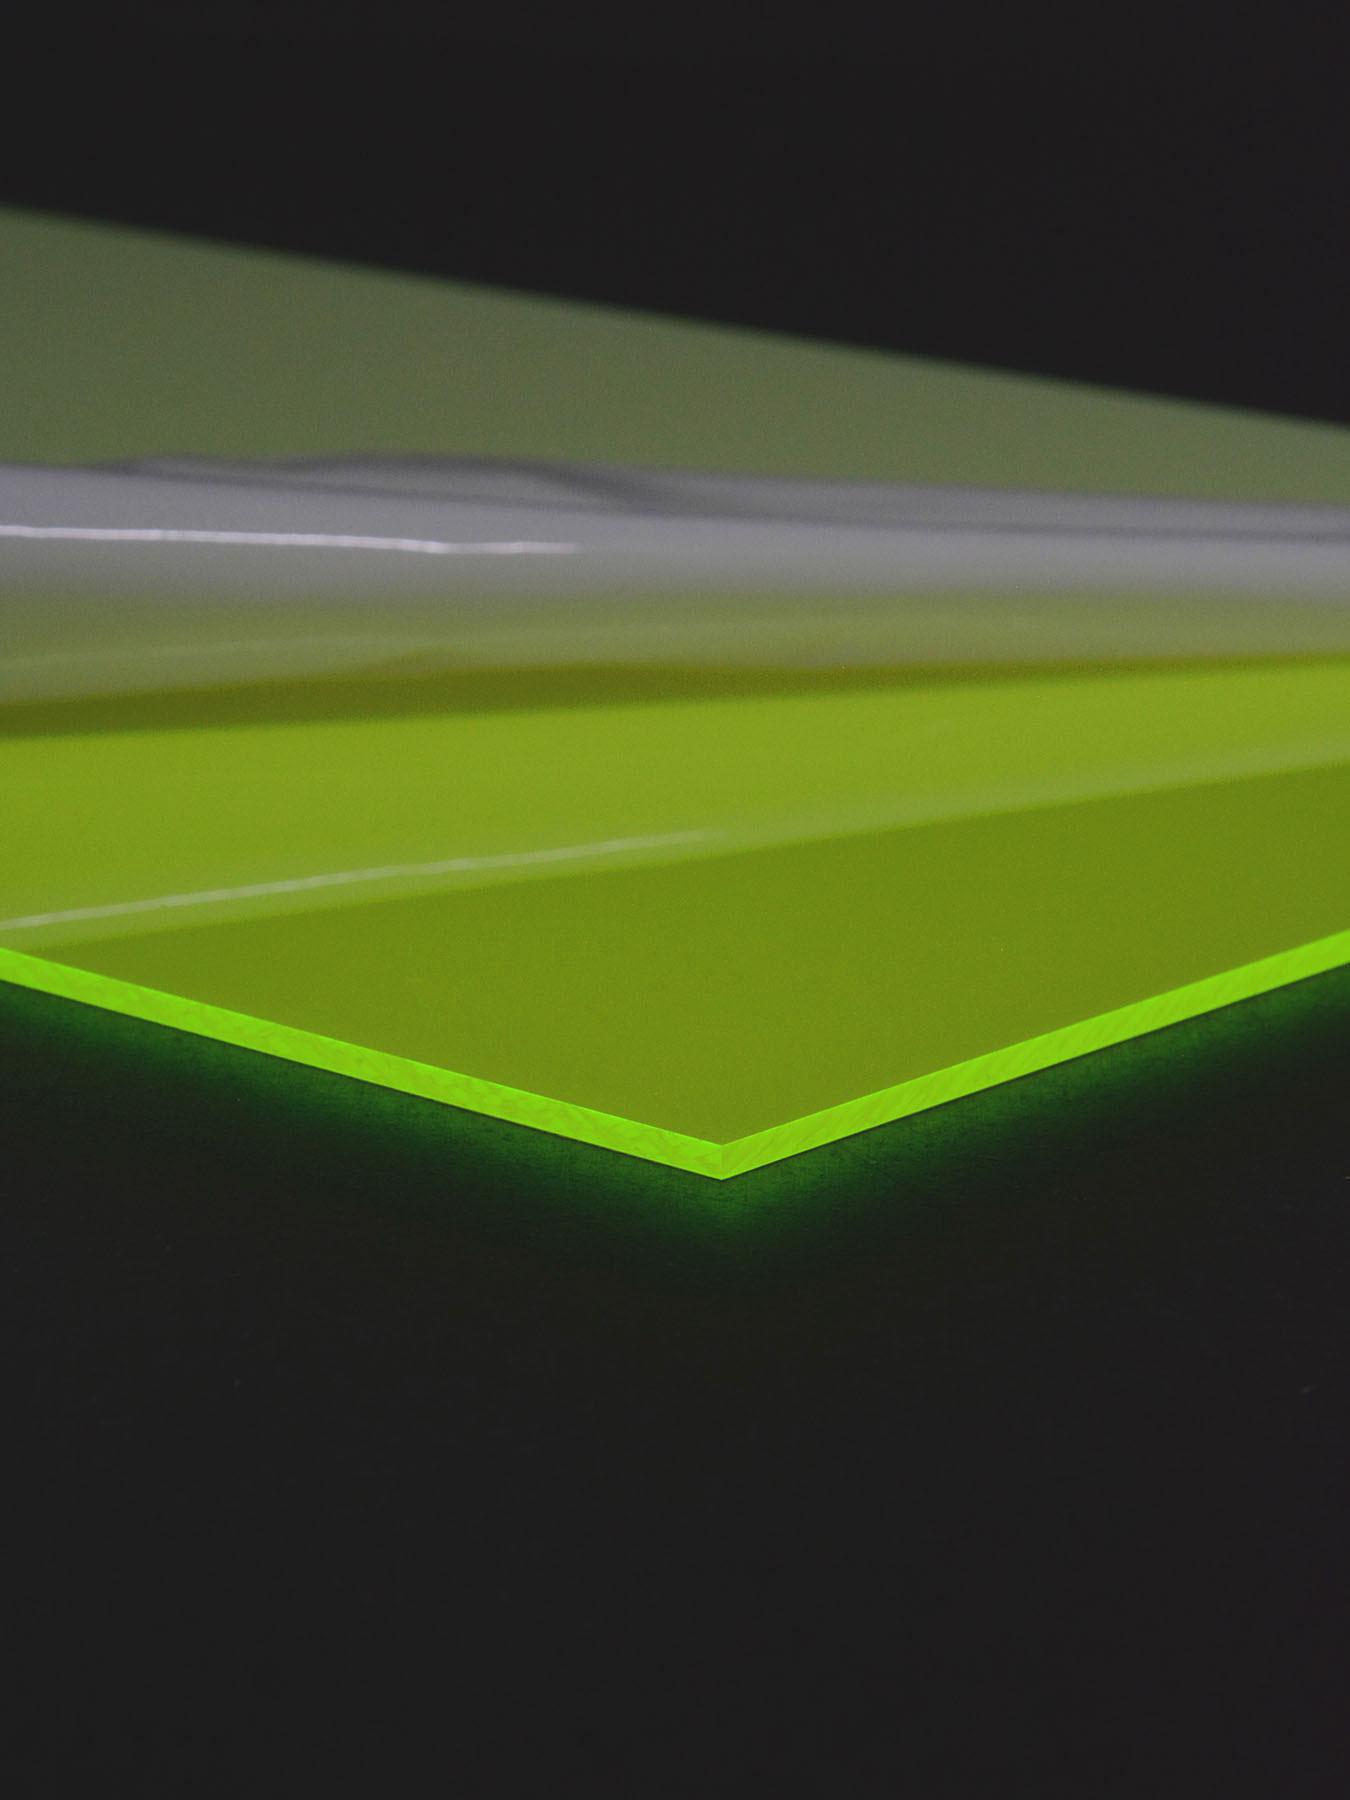 3mm Schwarzlicht Acrylglas Platte Neon fluoreszierend Gr/ün 60x30cm